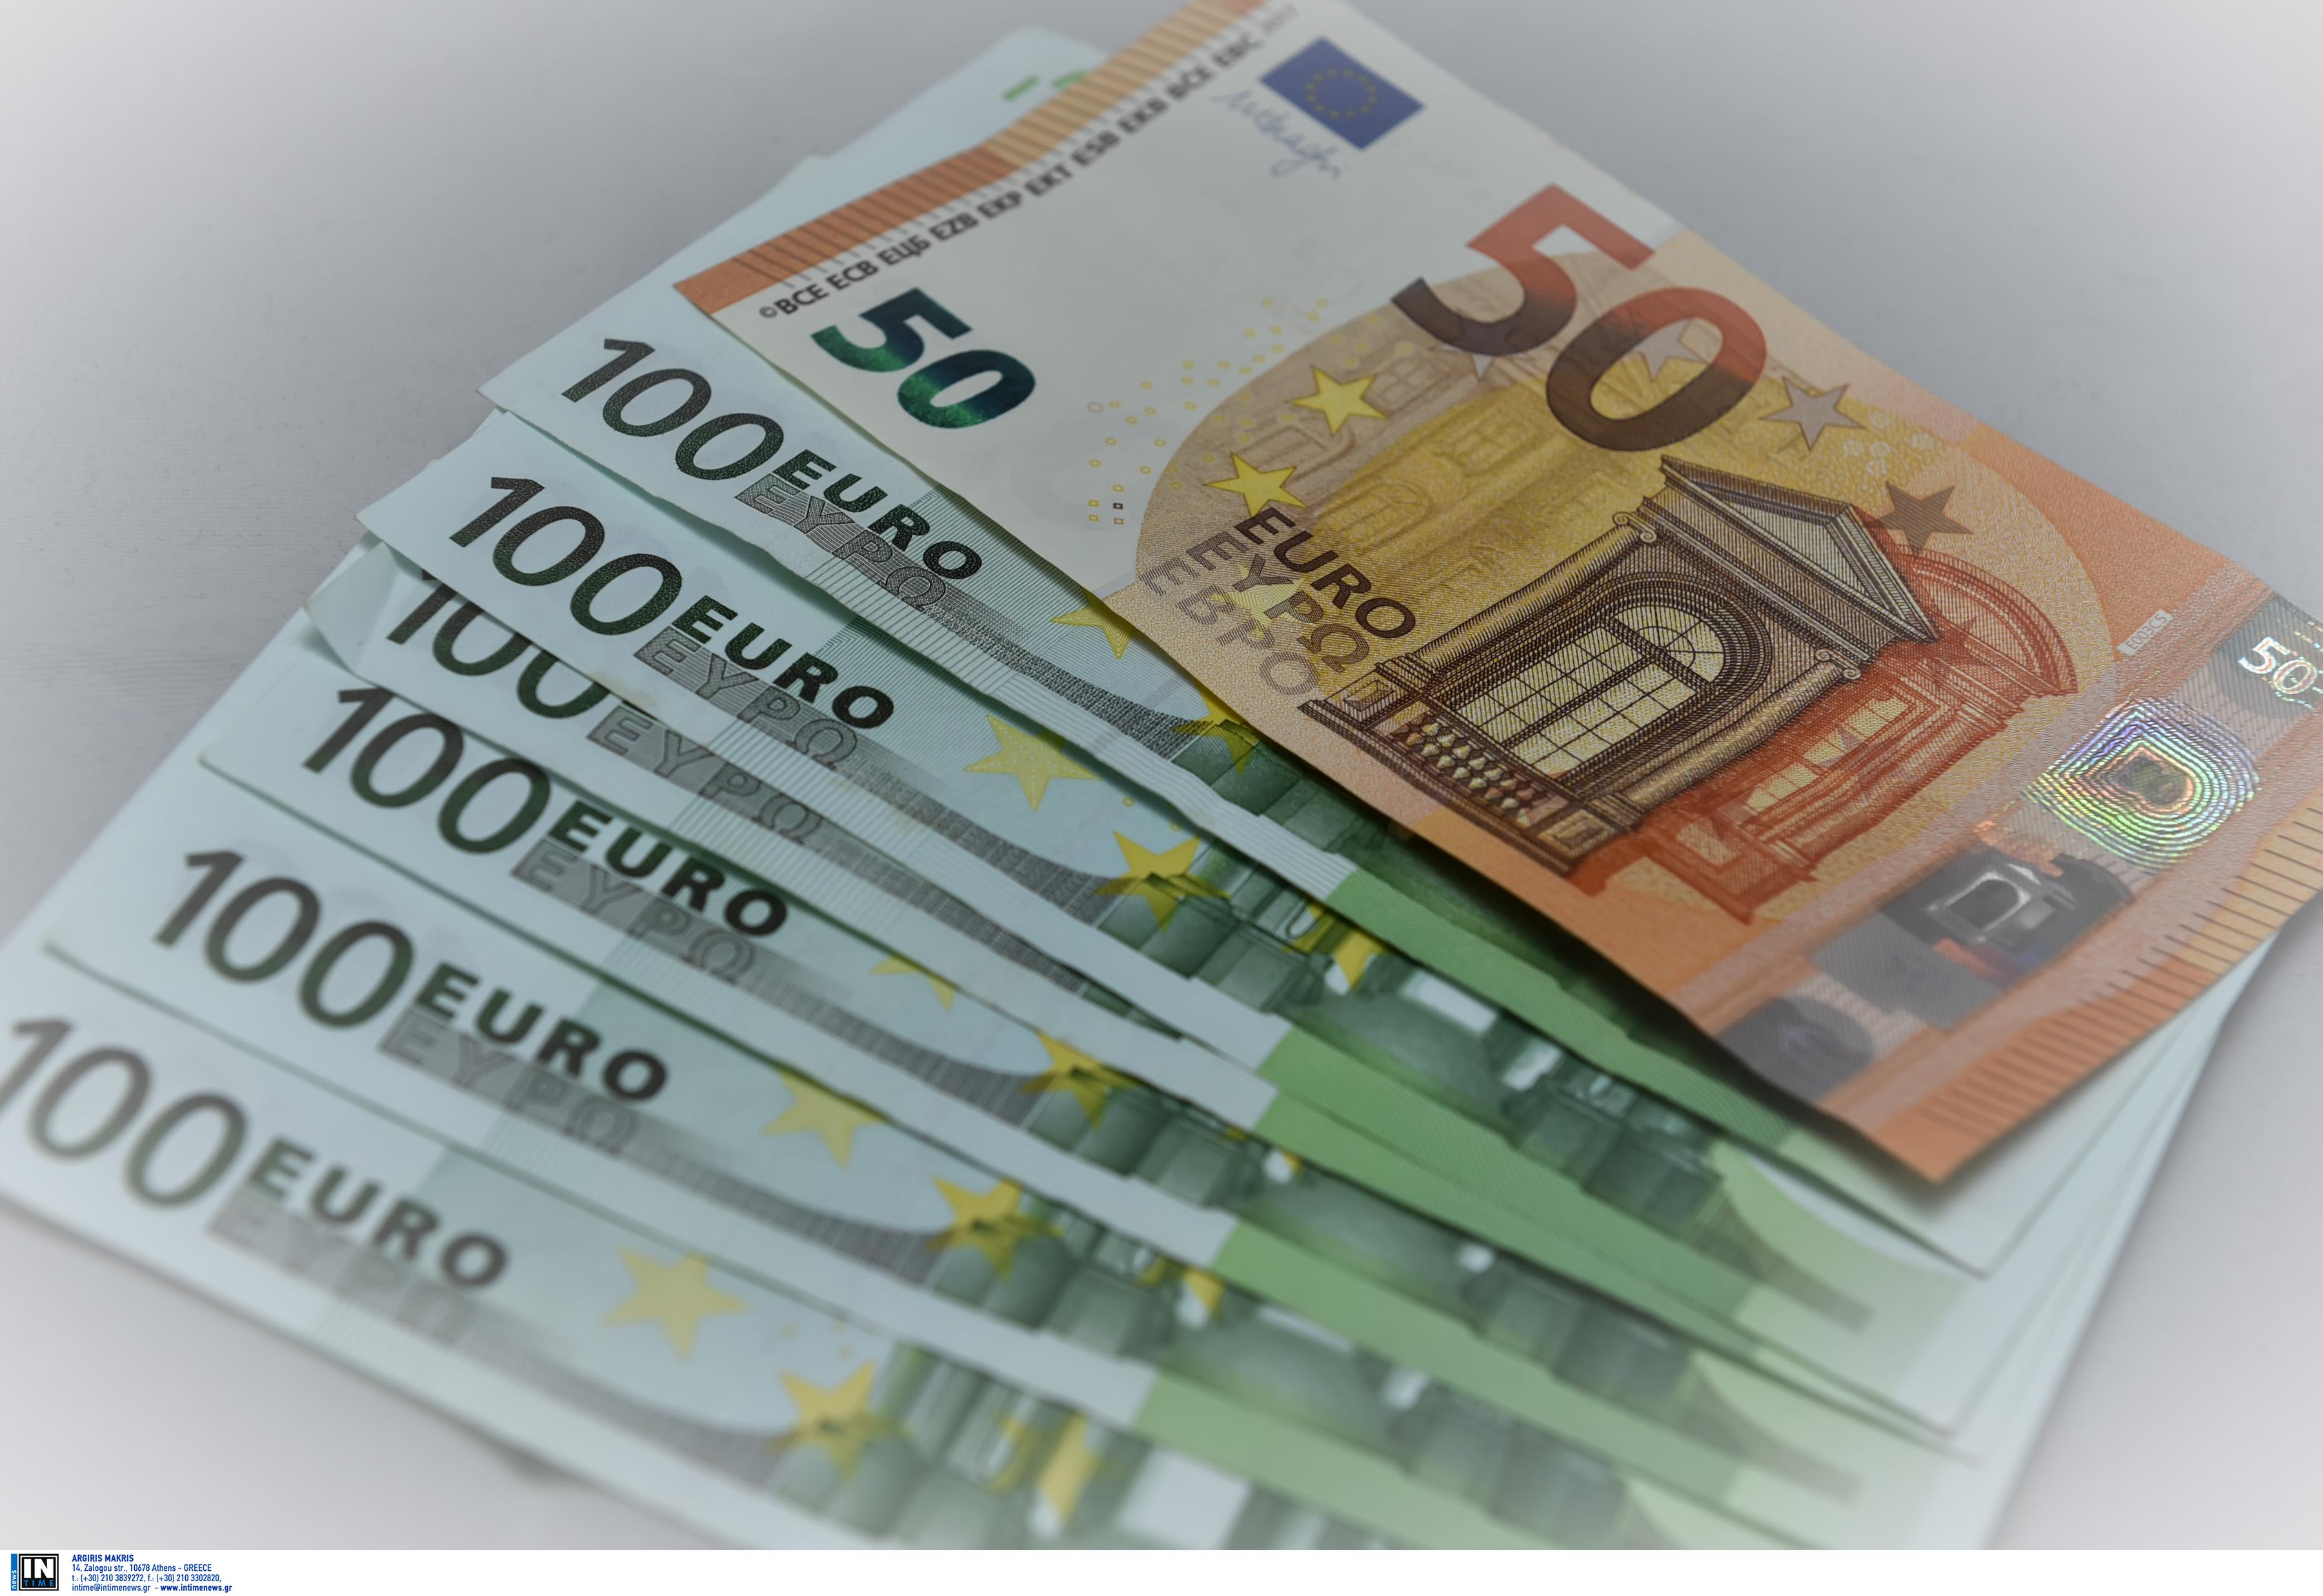 """Γιάννενα: Καθηγητής πουλούσε σημειώσεις σε φοιτητές έναντι 8 ευρώ! Μπήκε στον """"πάγο"""" μετά τις αποκαλύψεις"""